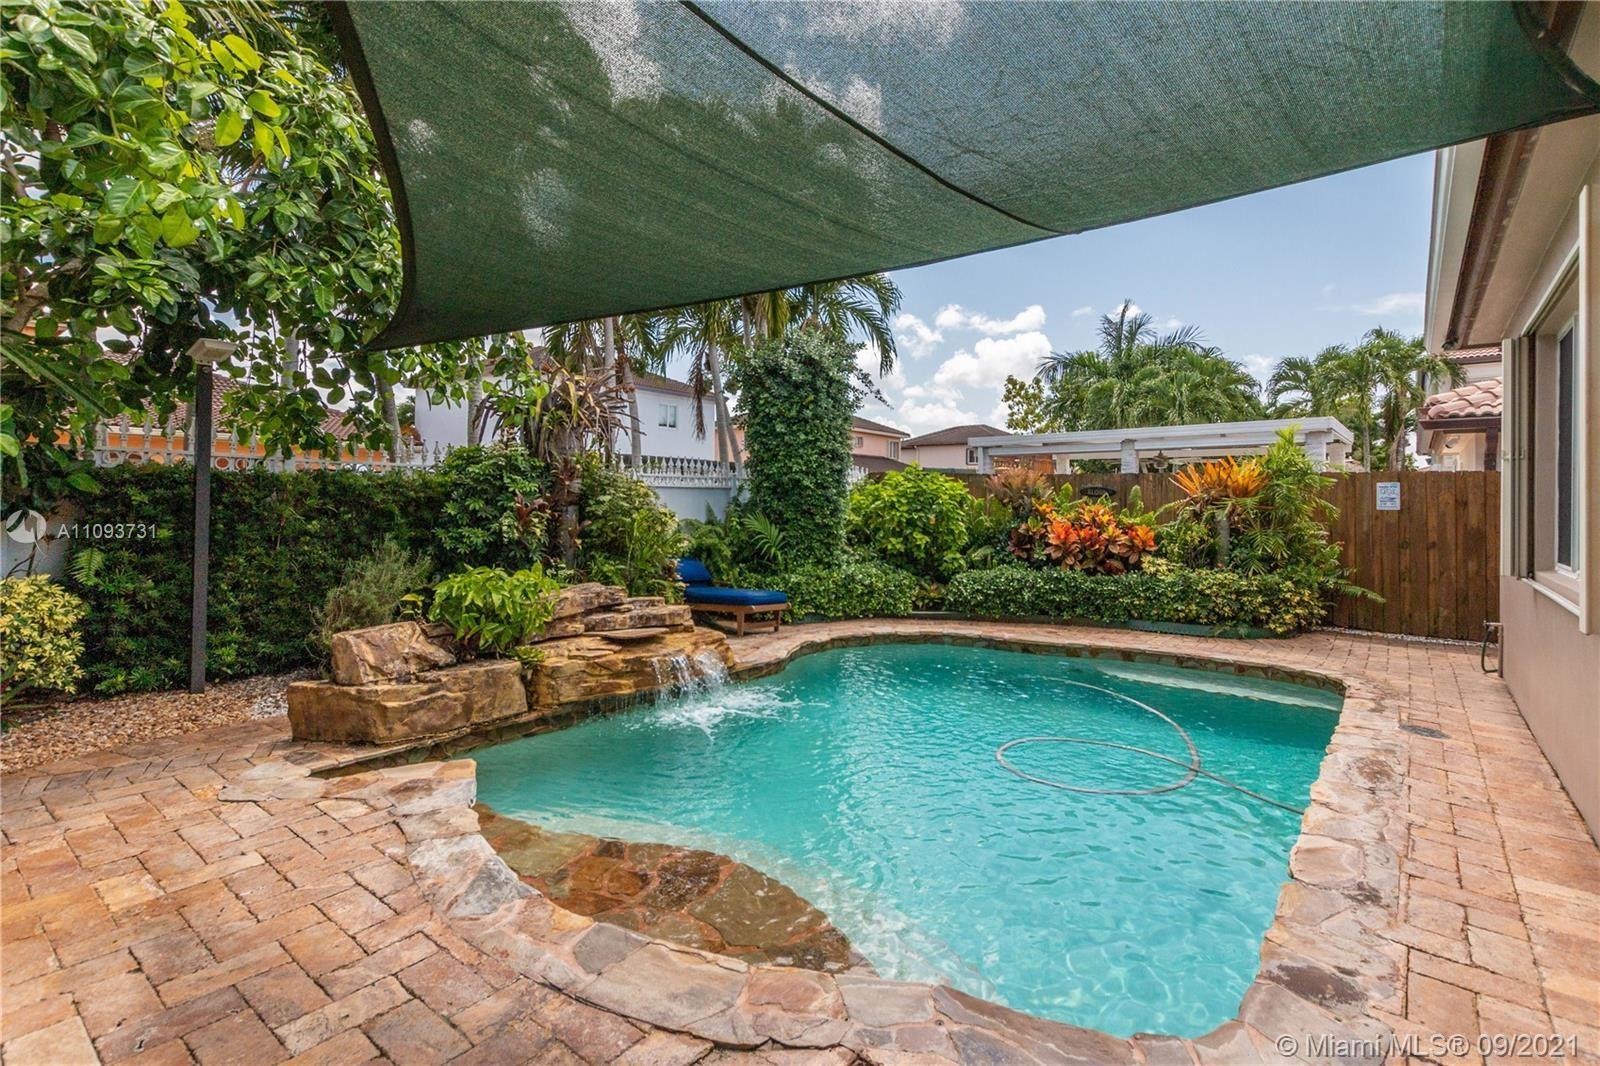 1441 SW 155th Ct, Miami, FL 33194 - #: A11093731